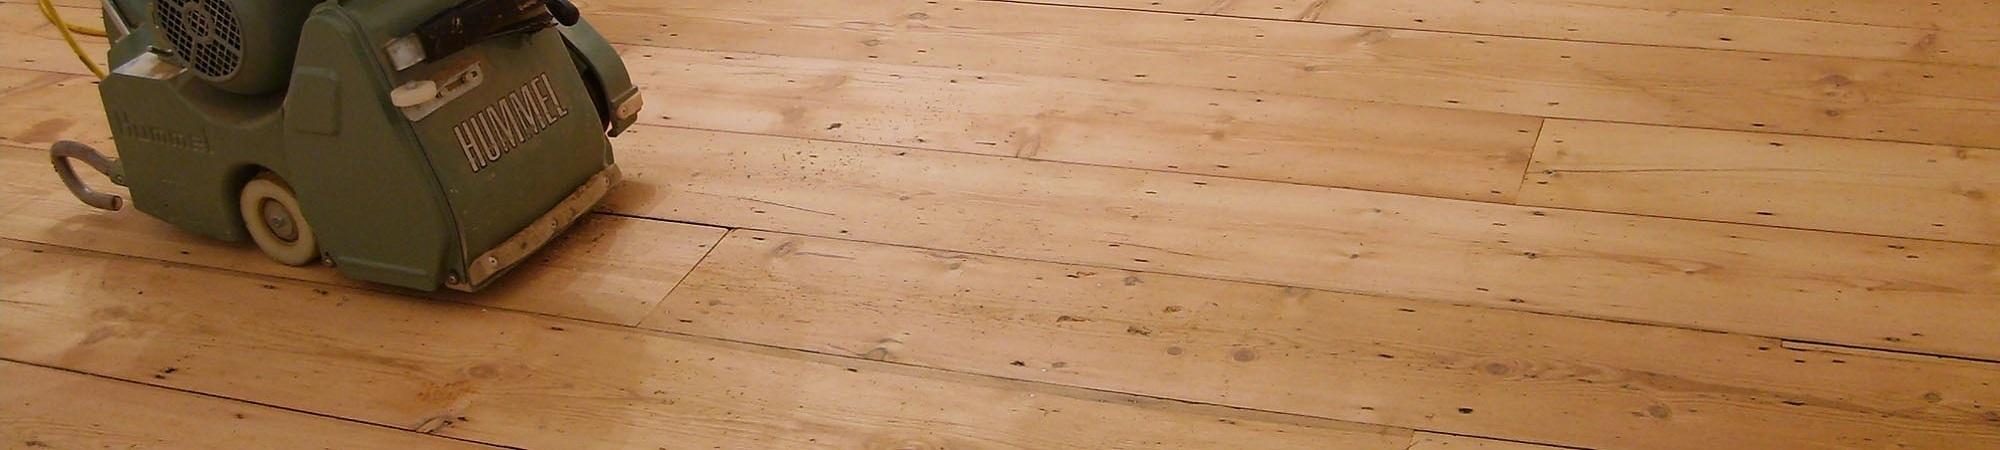 houten vloer schuren Apeldoorn. Neem contact op met onze vakman